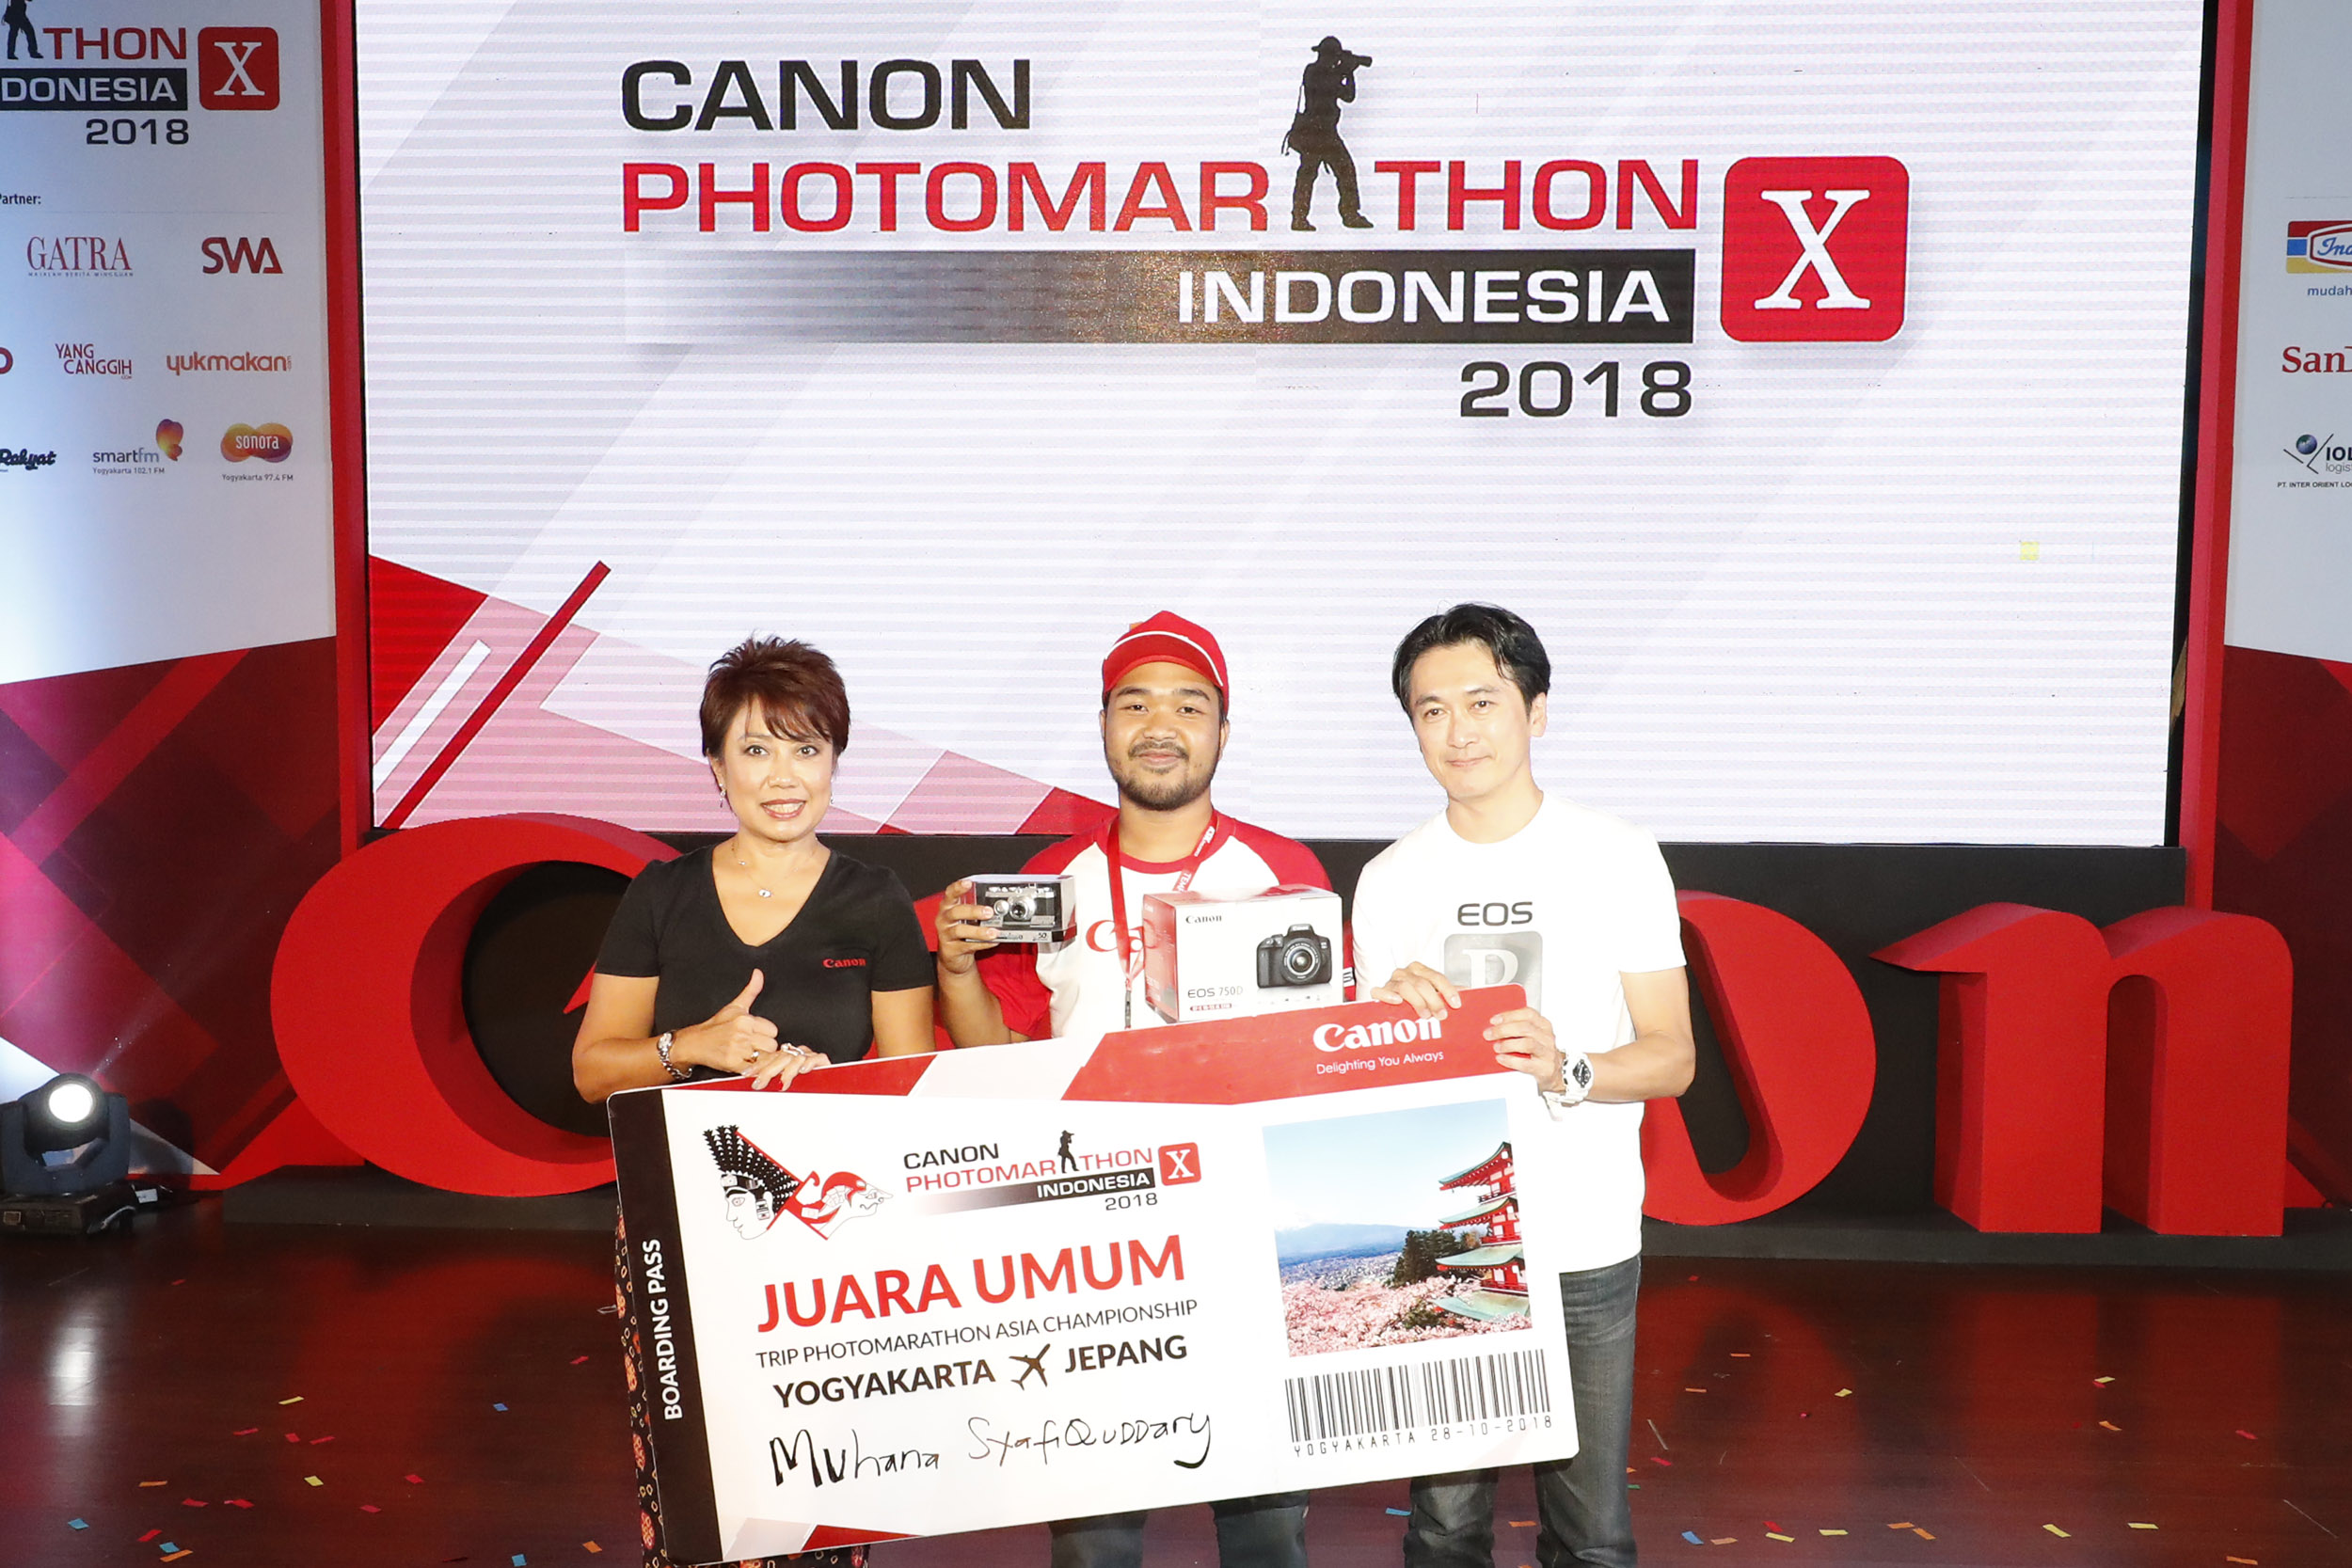 Canon PhotMarathon